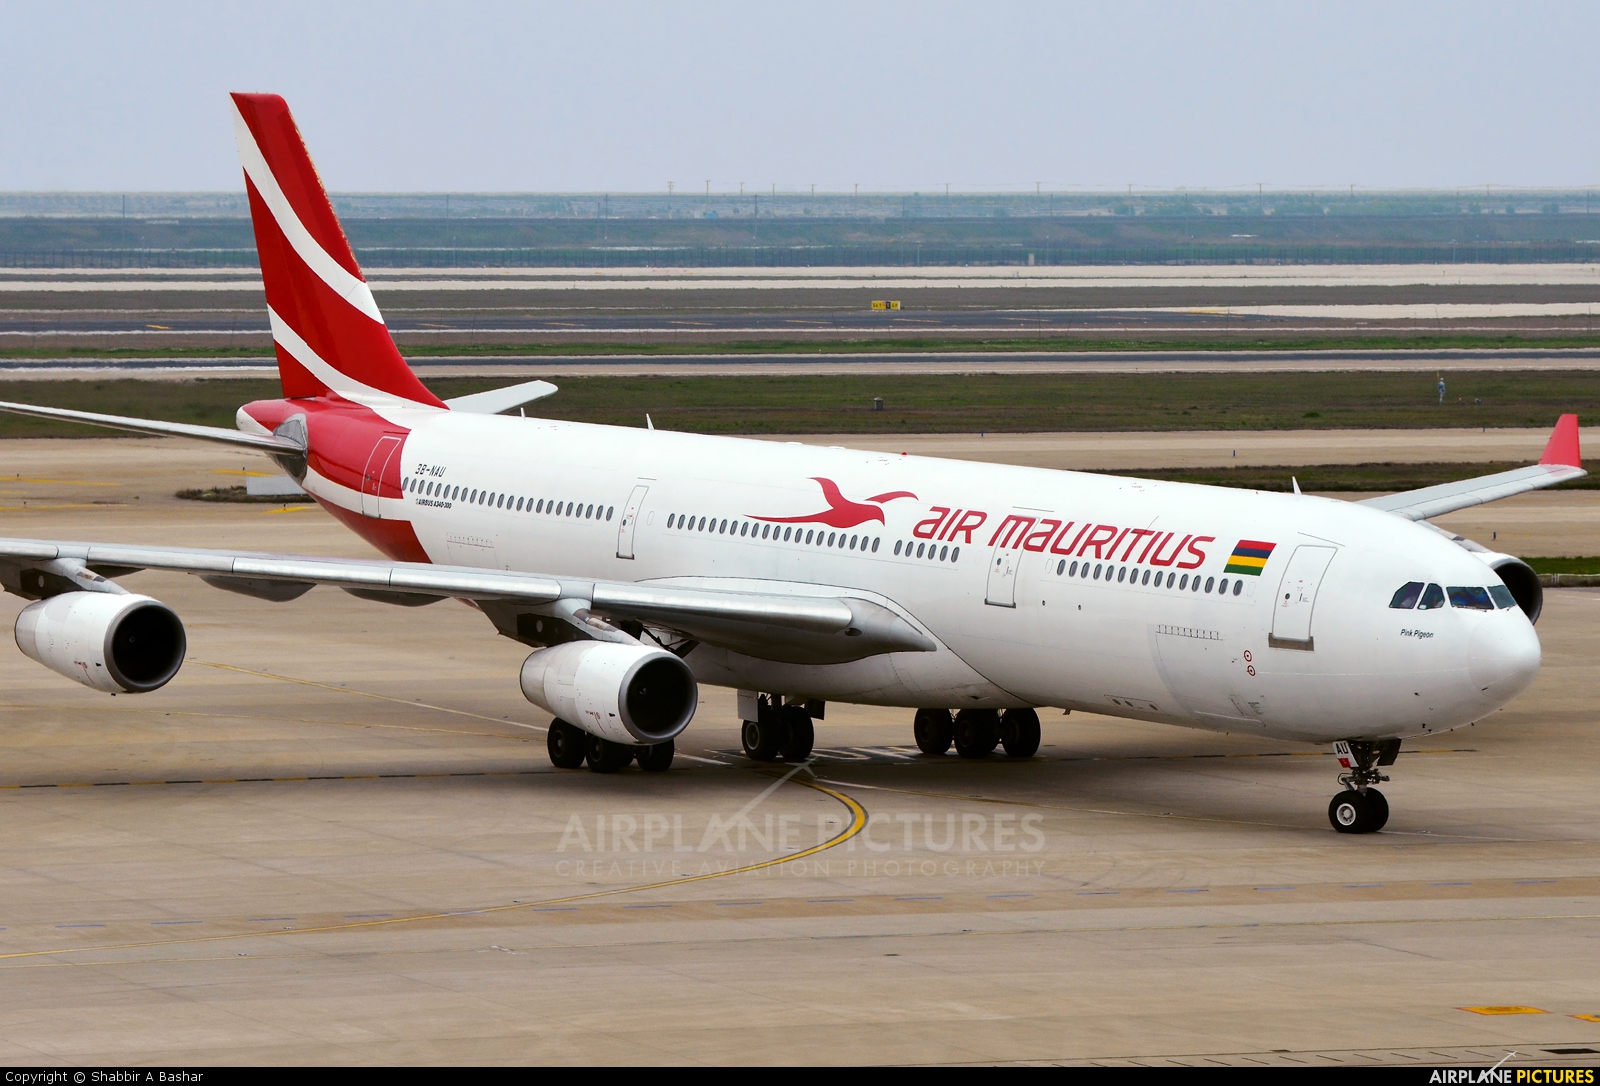 Air Mauritius 3B-NAU aircraft at Shanghai - Pudong Intl